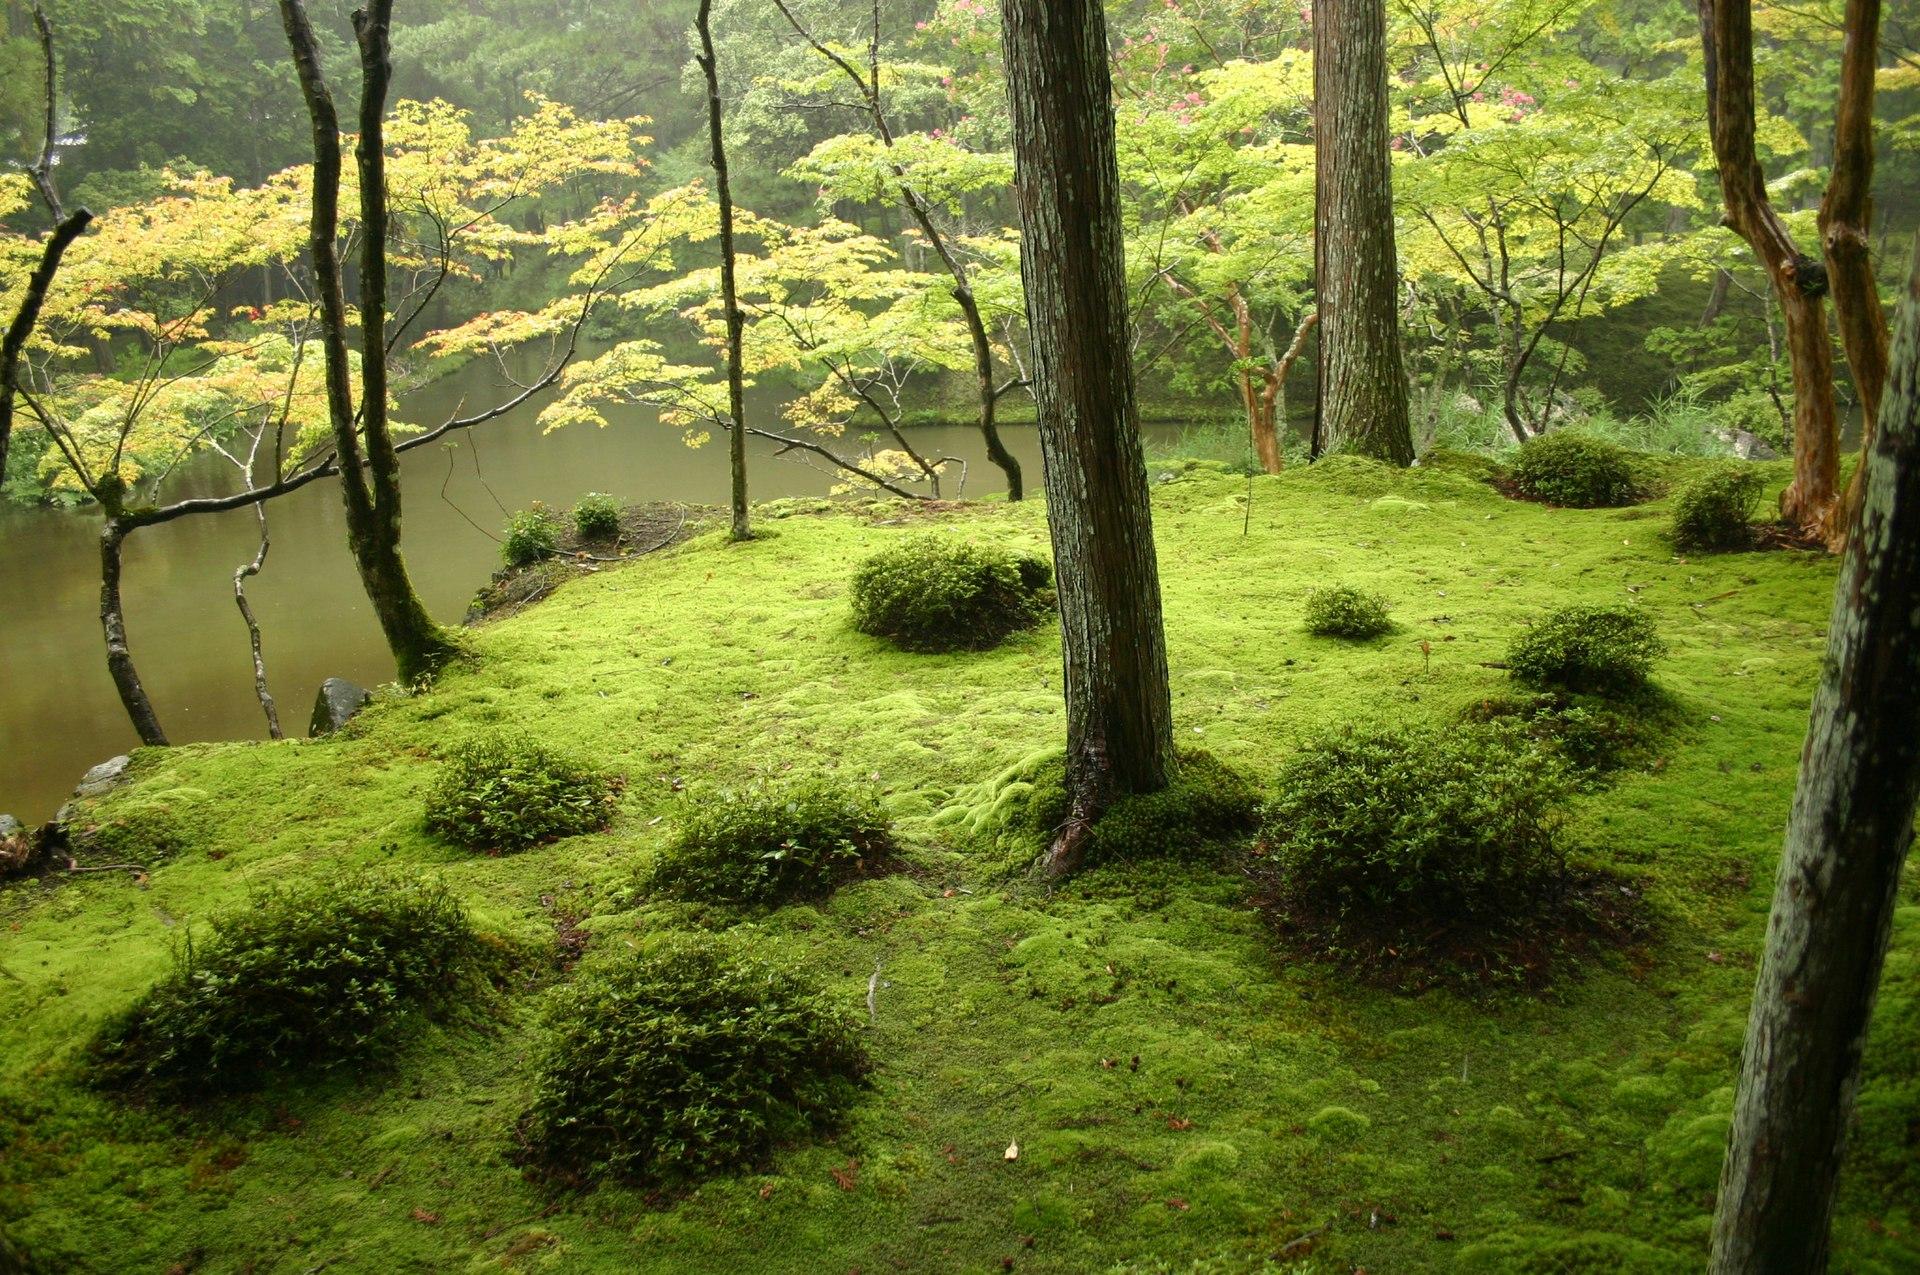 jardin japonais wikip dia On jardin wikipedia